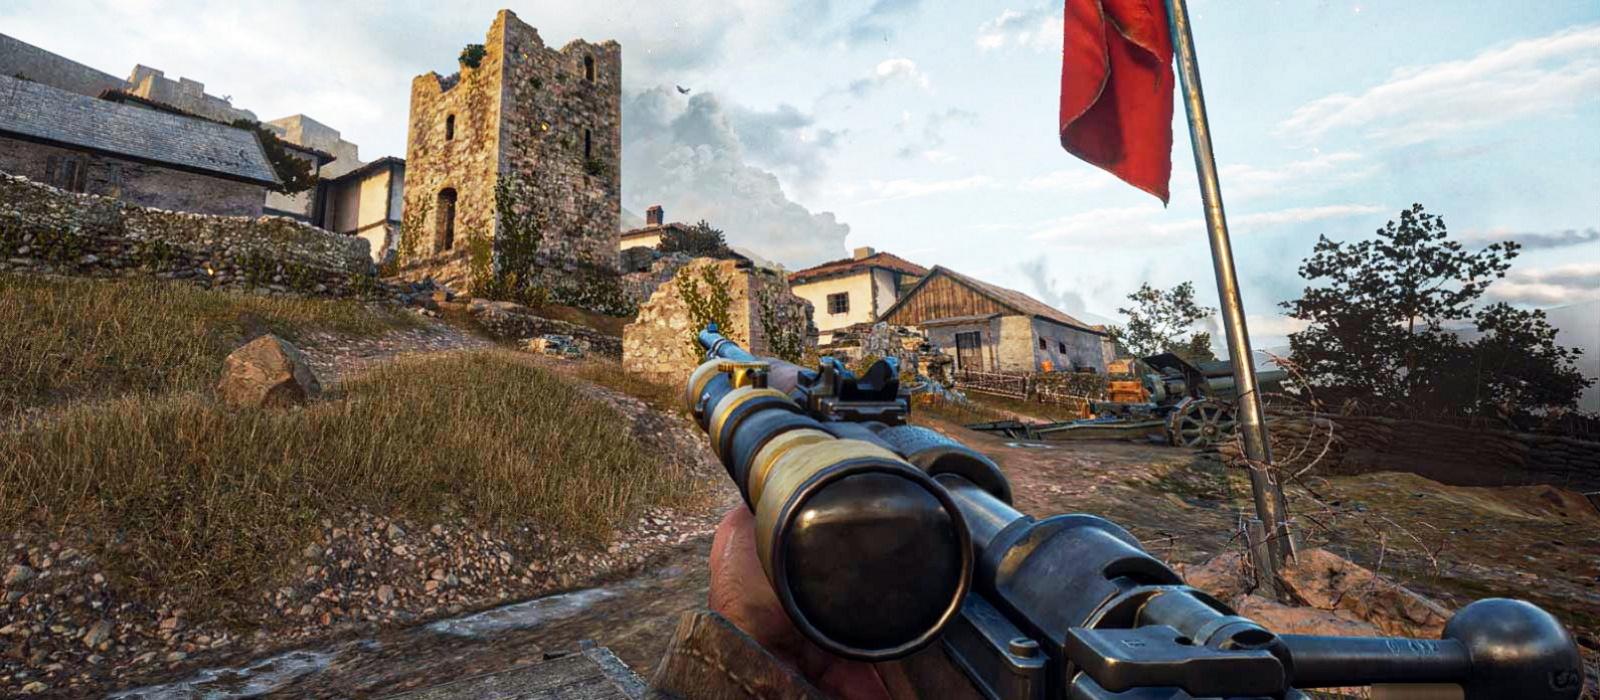 Freebie: DLC für Battlefield 1 und Battlefield 4 wird kostenlos auf dem PC verteilt, die zusammen 1.700 Rubel kosten